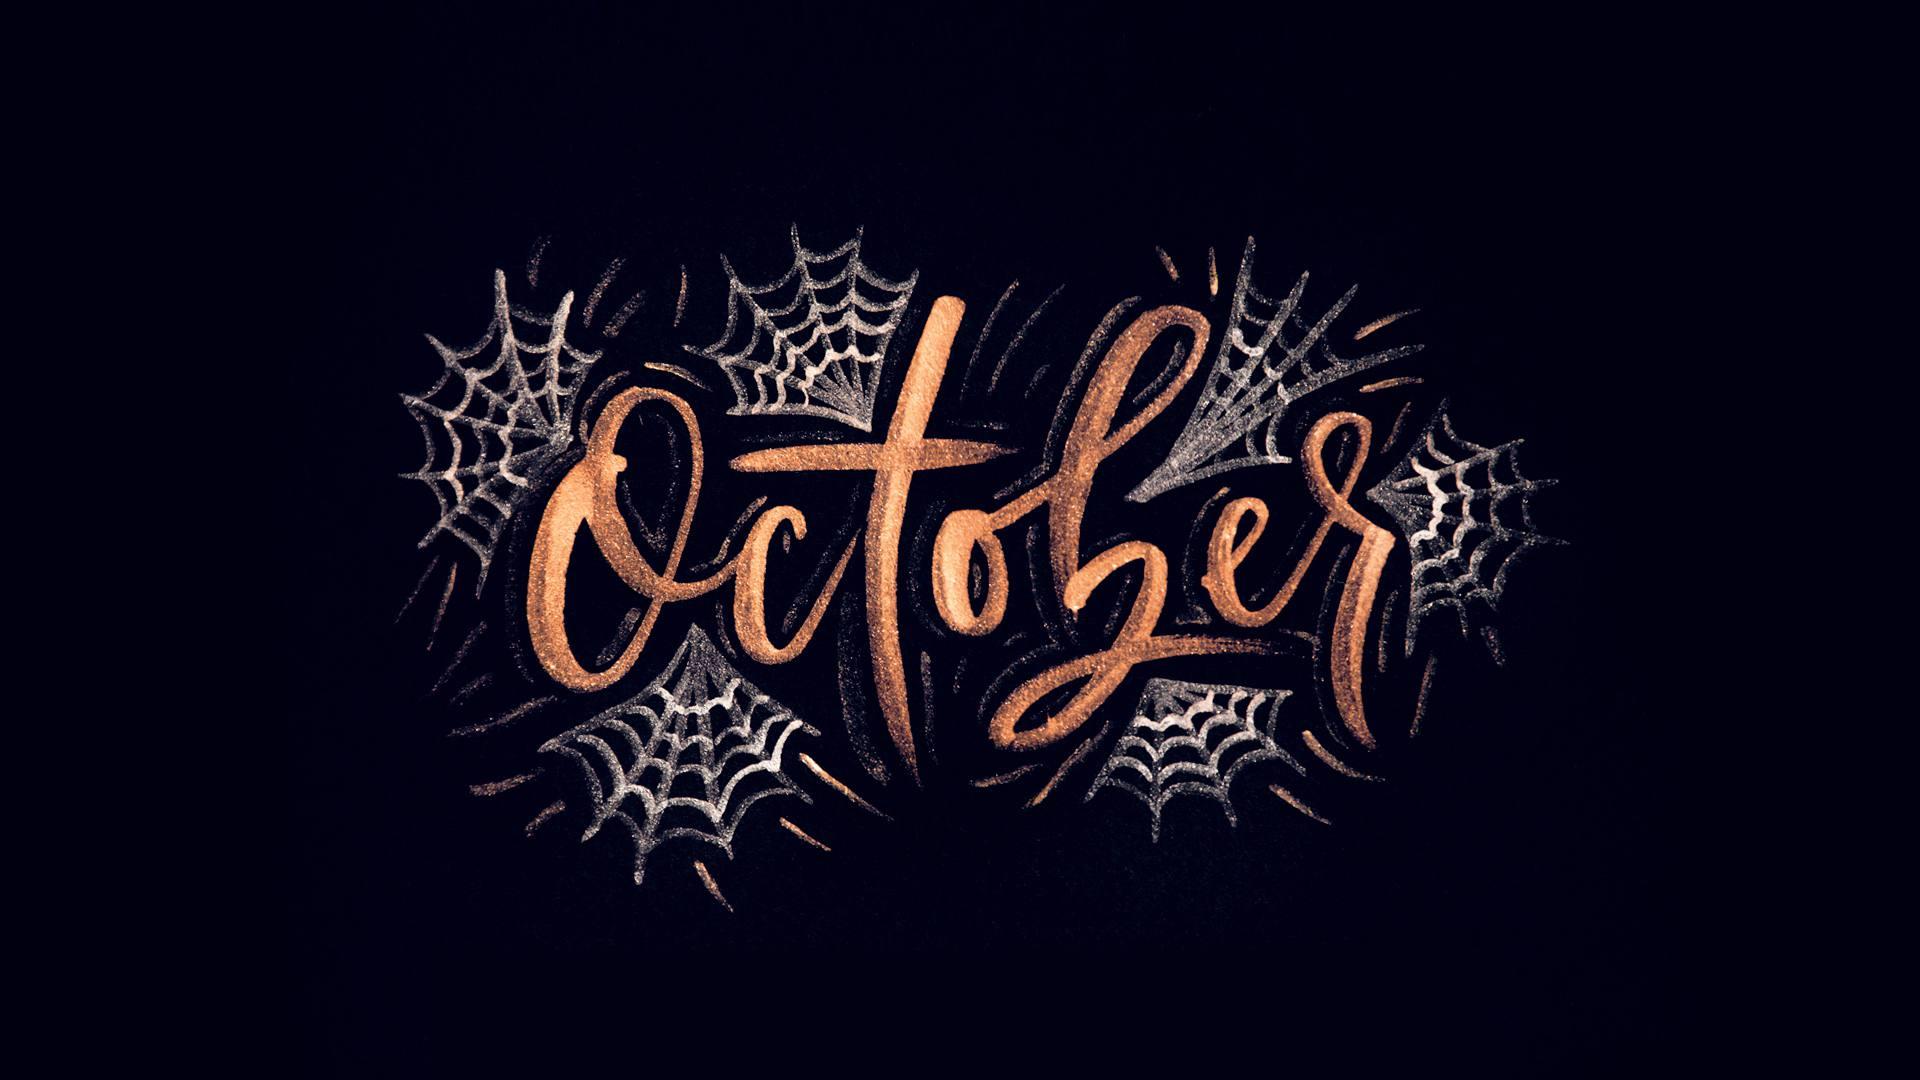 Desktop Aesthetic Halloween Wallpapers Top Free Desktop Aesthetic Halloween Backgrounds Wallpaperaccess